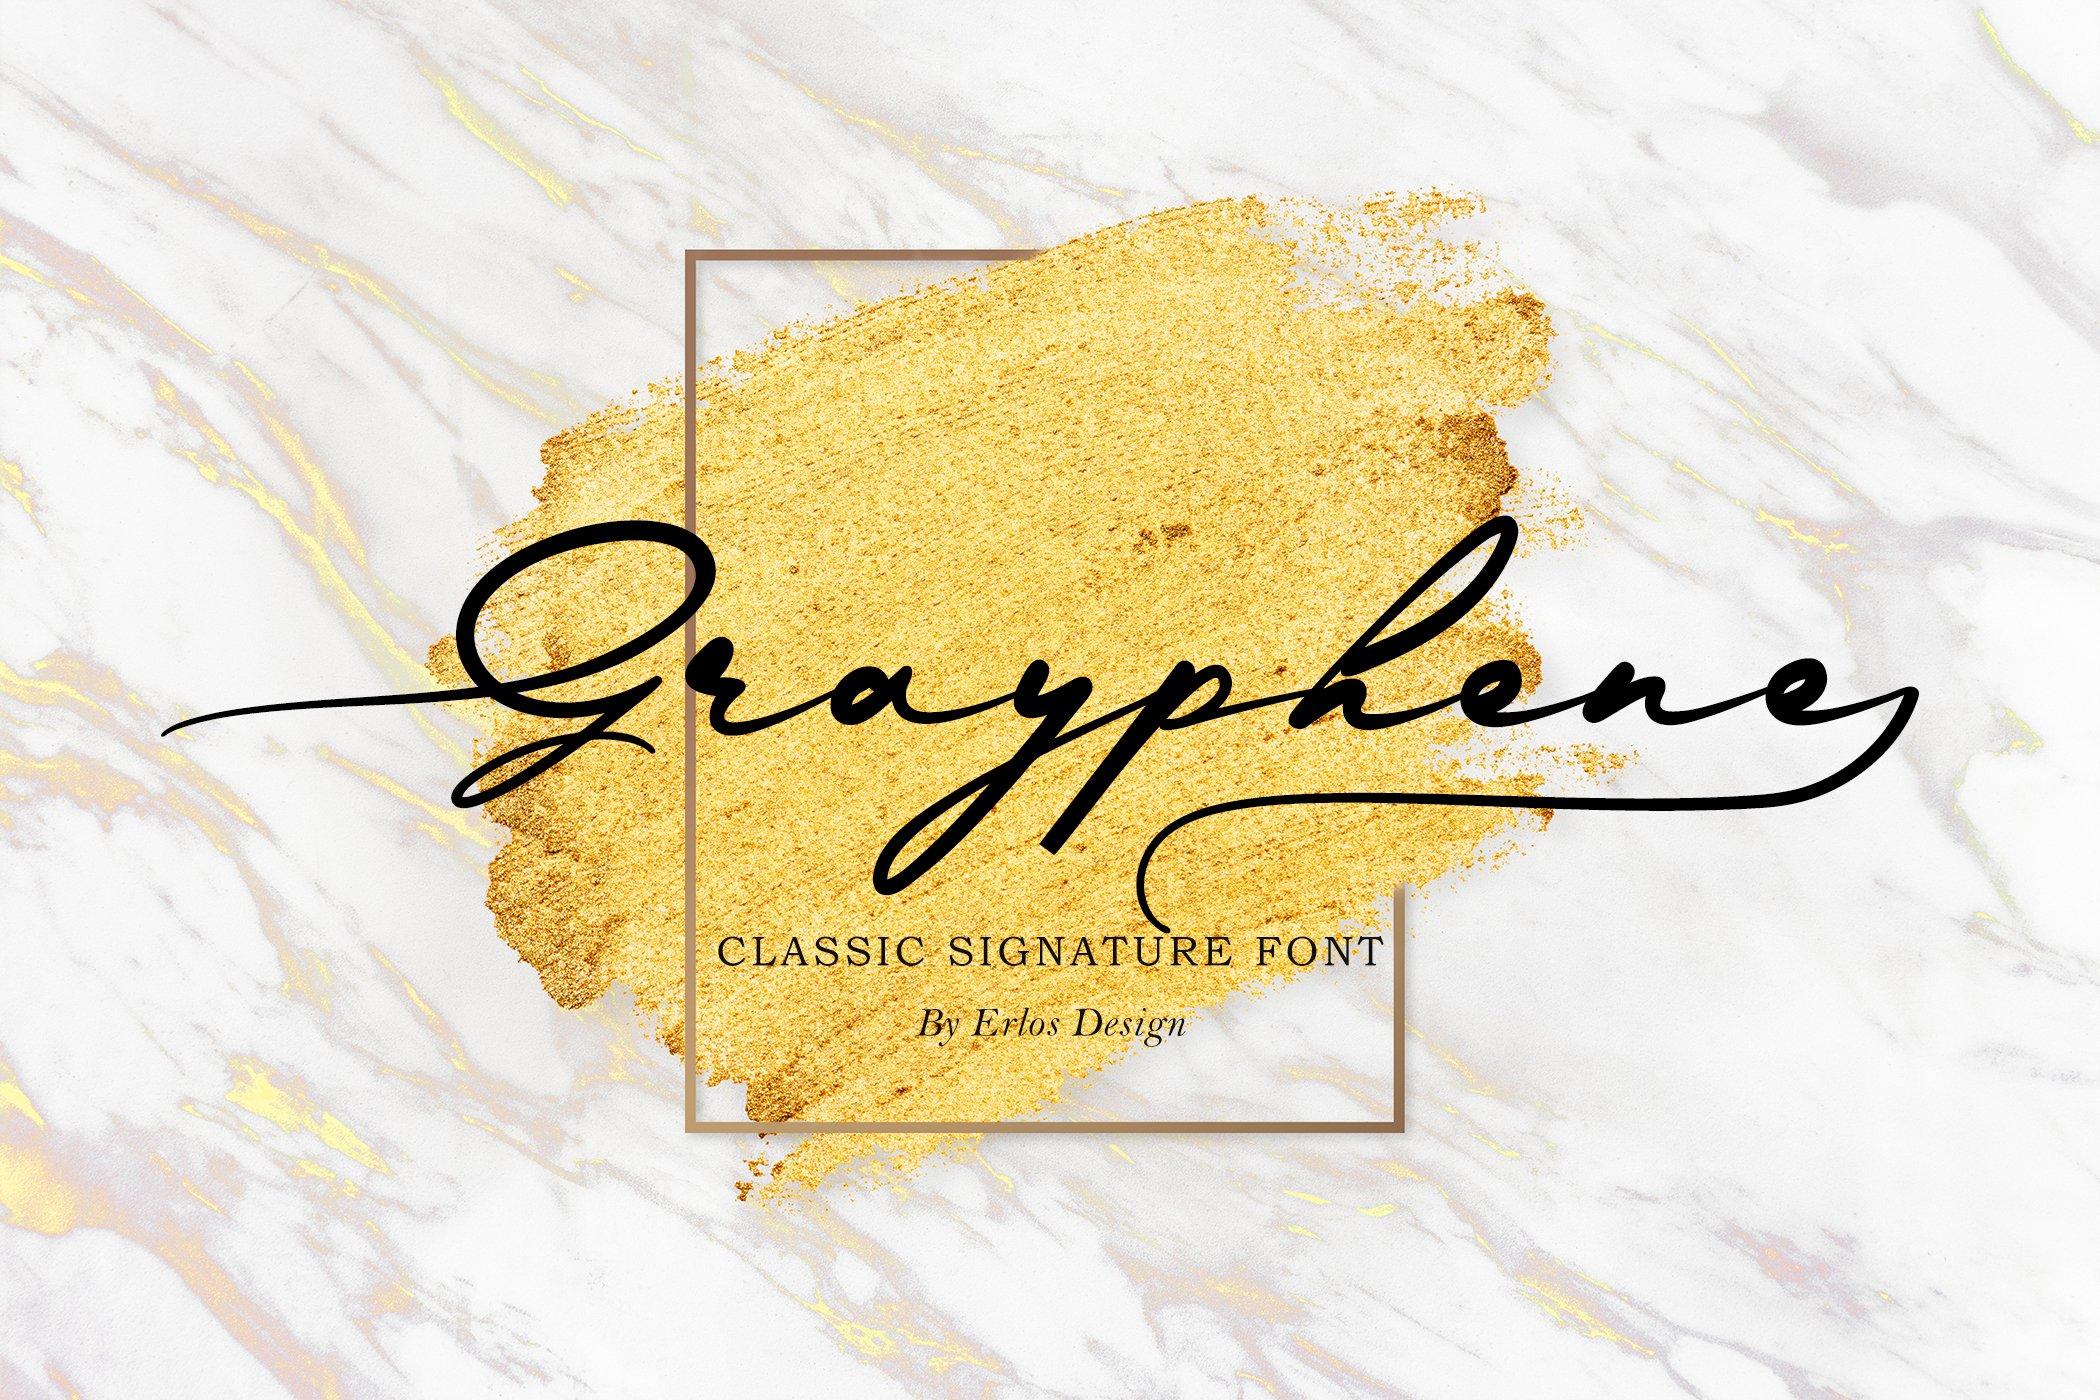 现代时尚品牌Logo标题设计手写英文字体素材 Grayphene Font插图